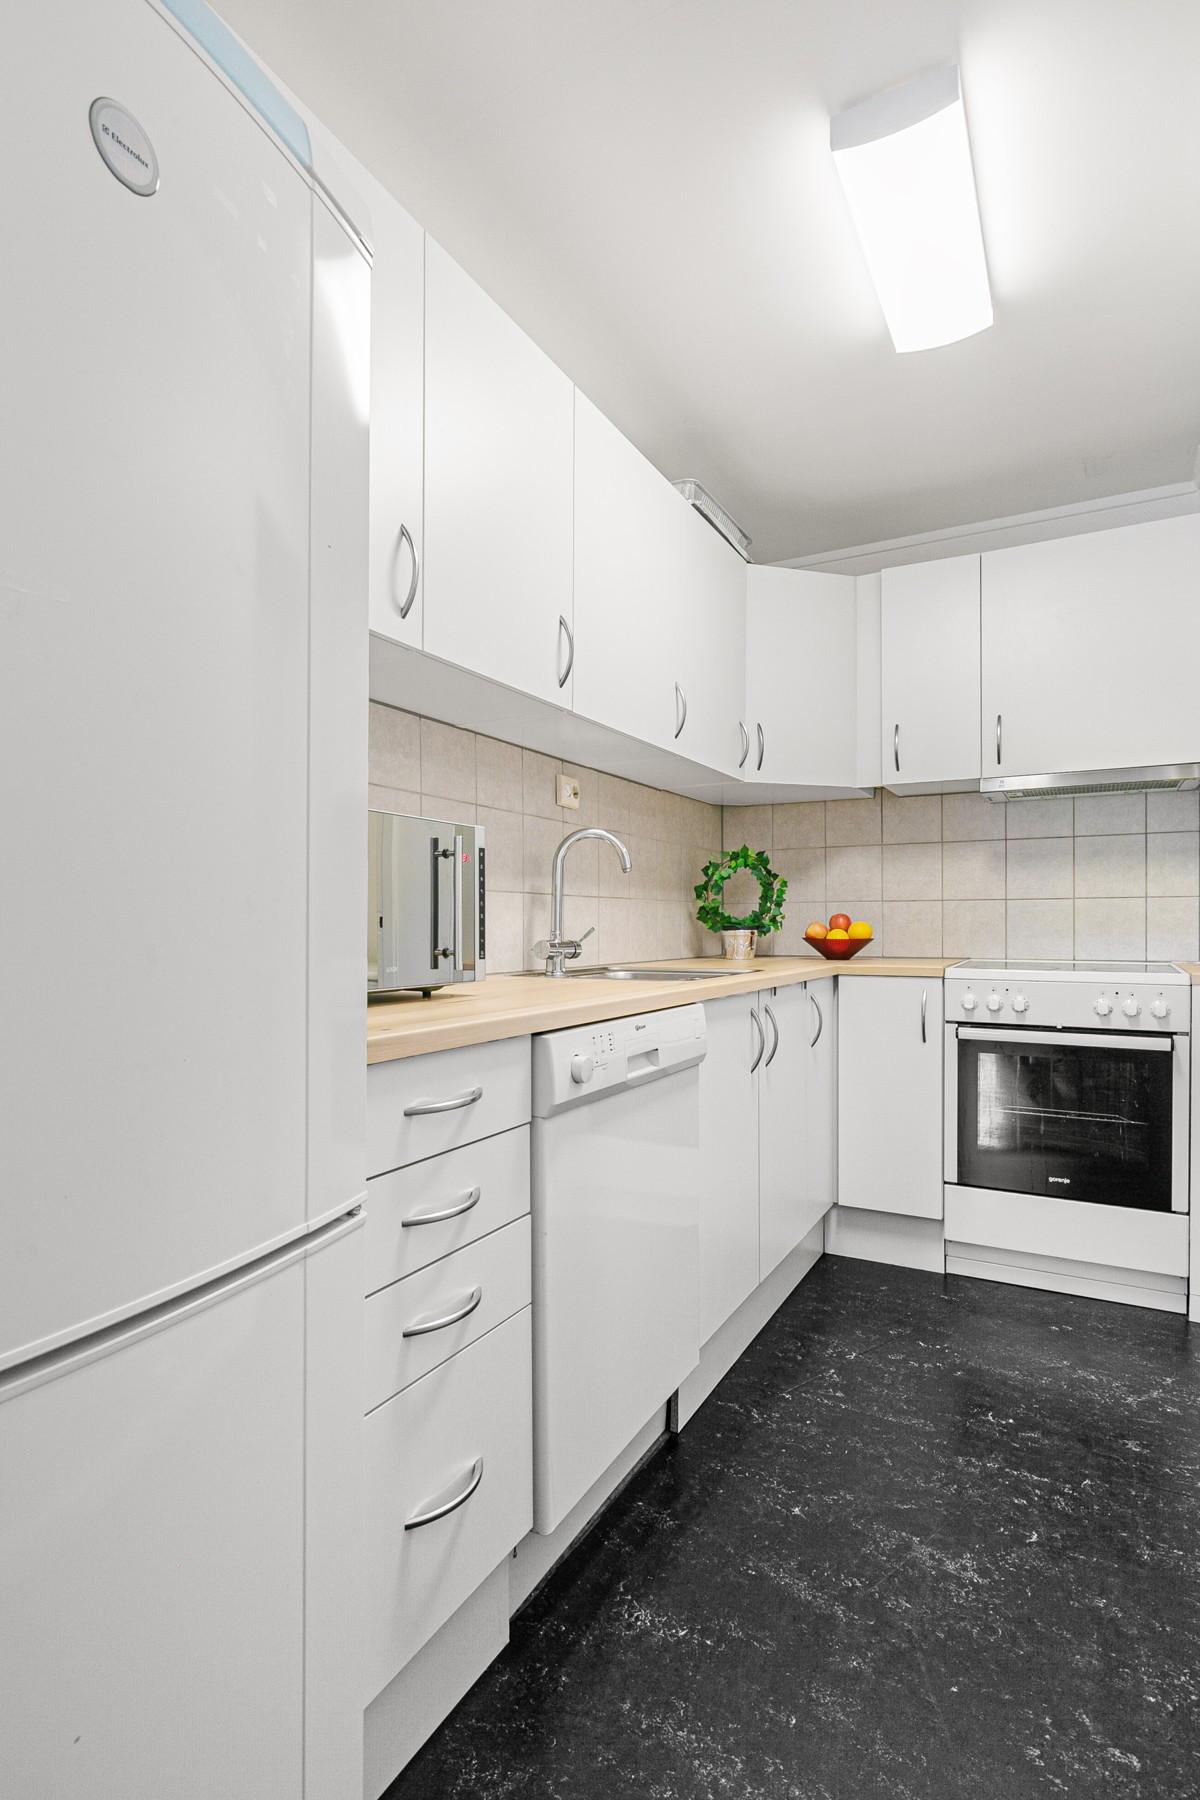 Kjøkken med hvite glatte fronter